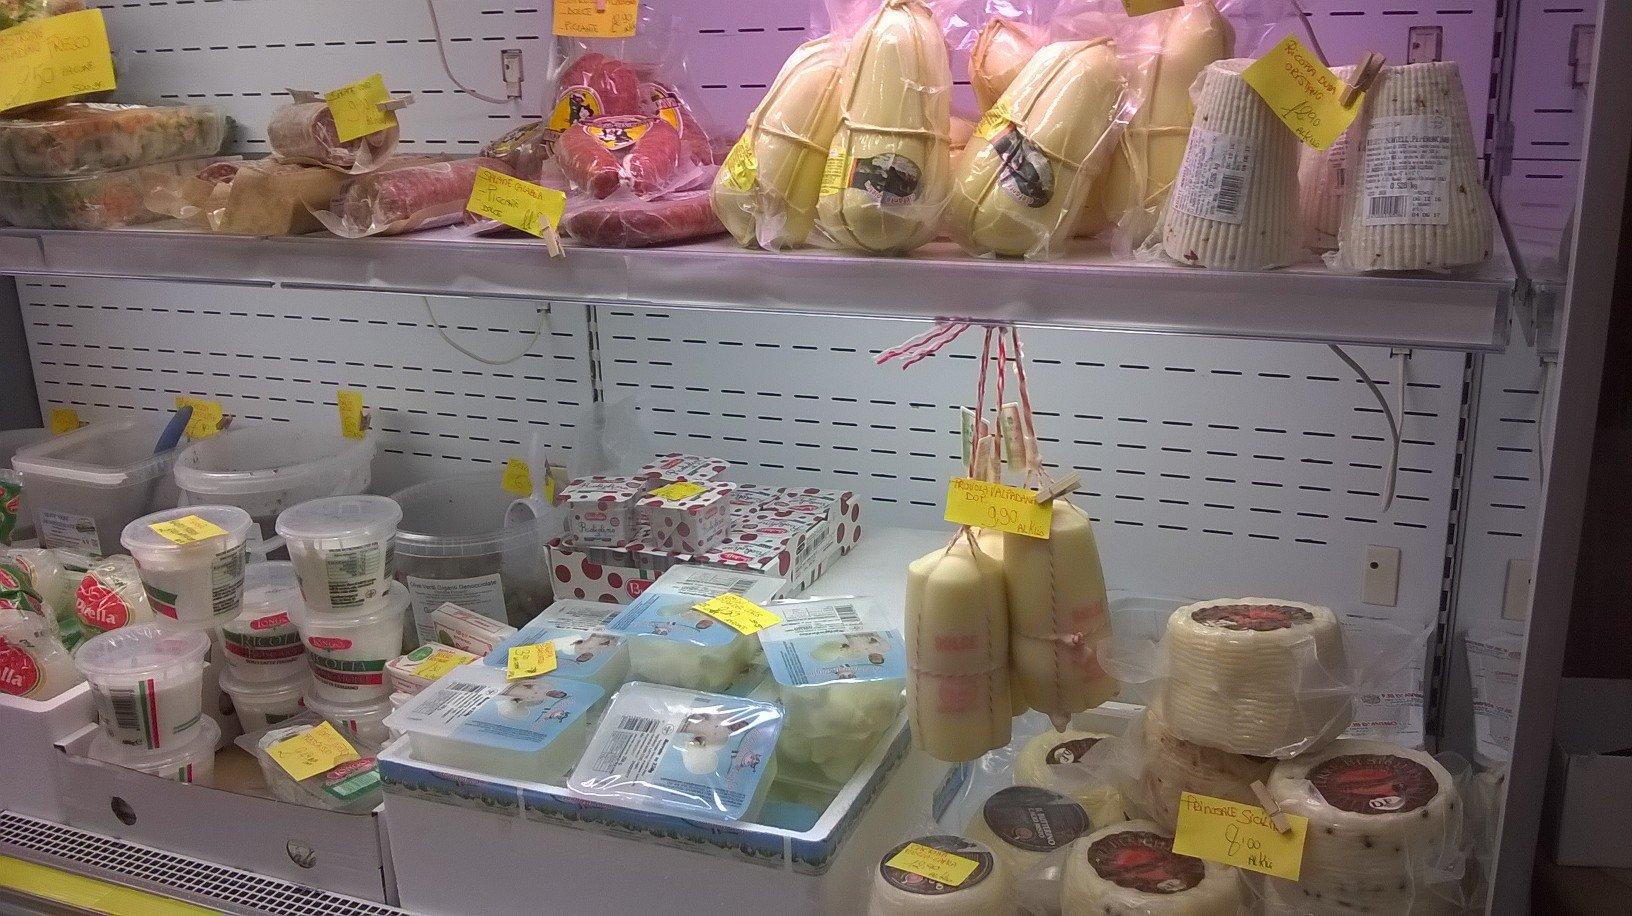 Caciotte e formaggi vari